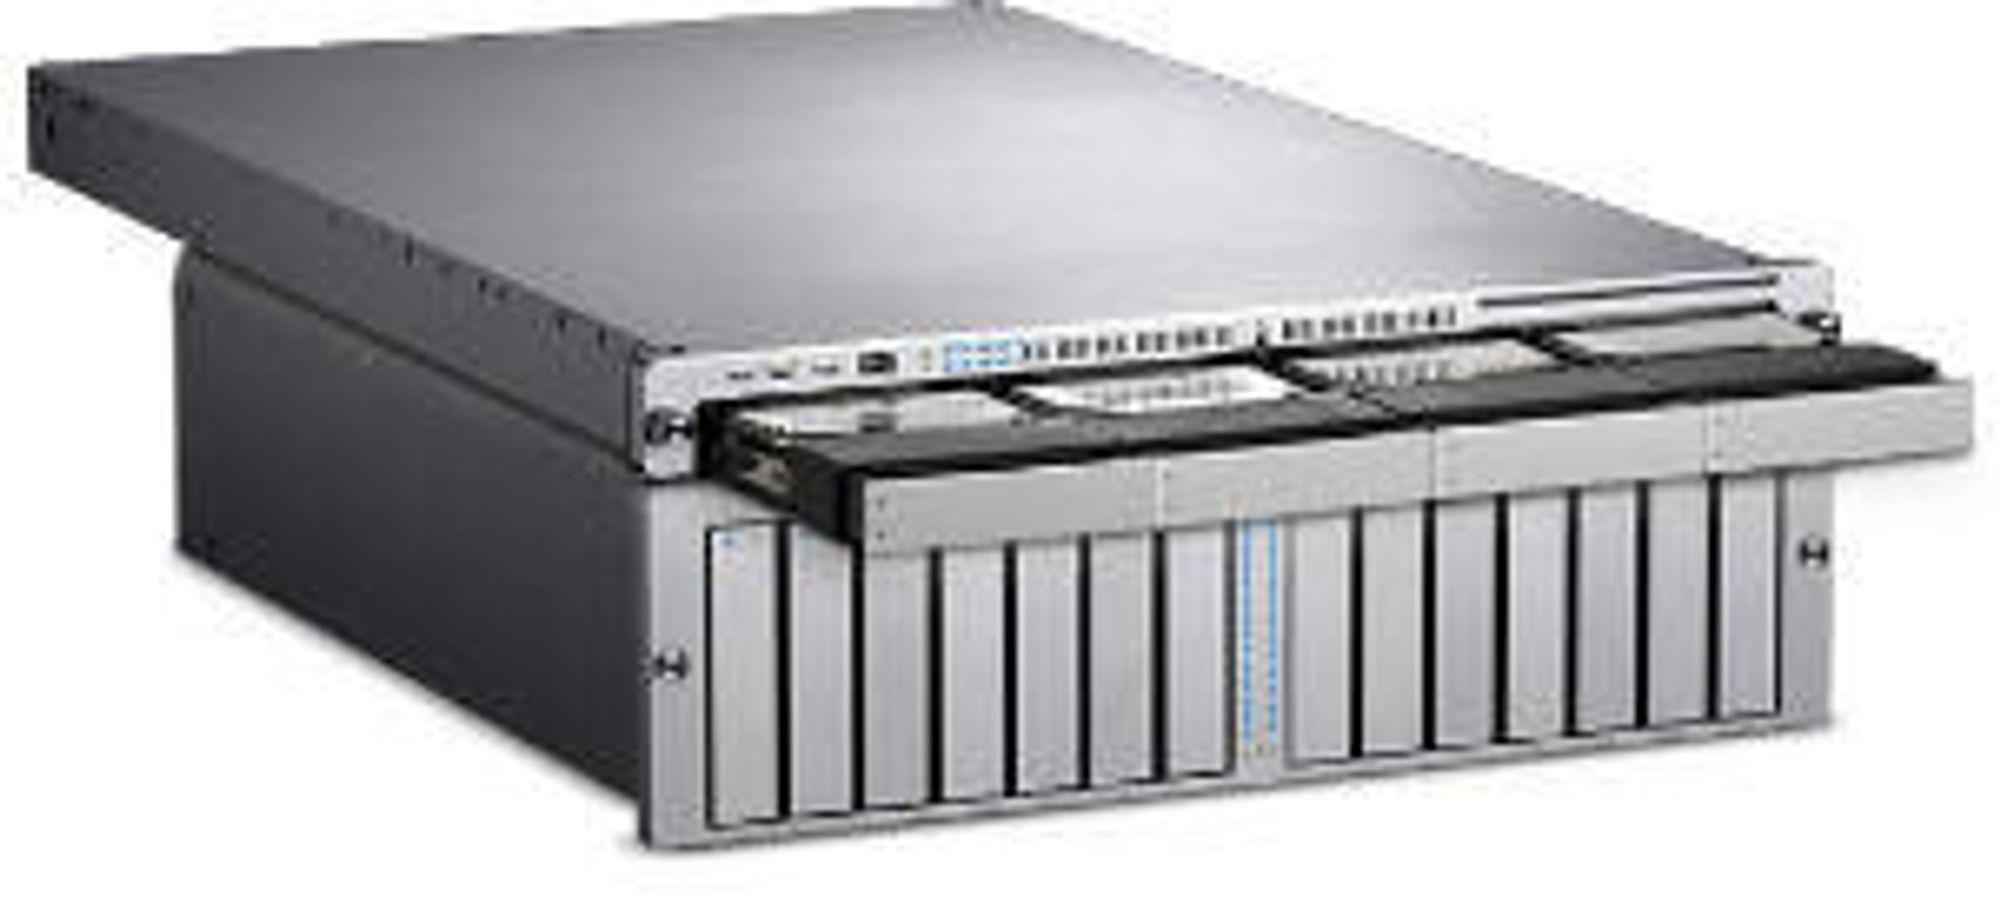 Rack-server og rackbasert RAID-system fra Apple